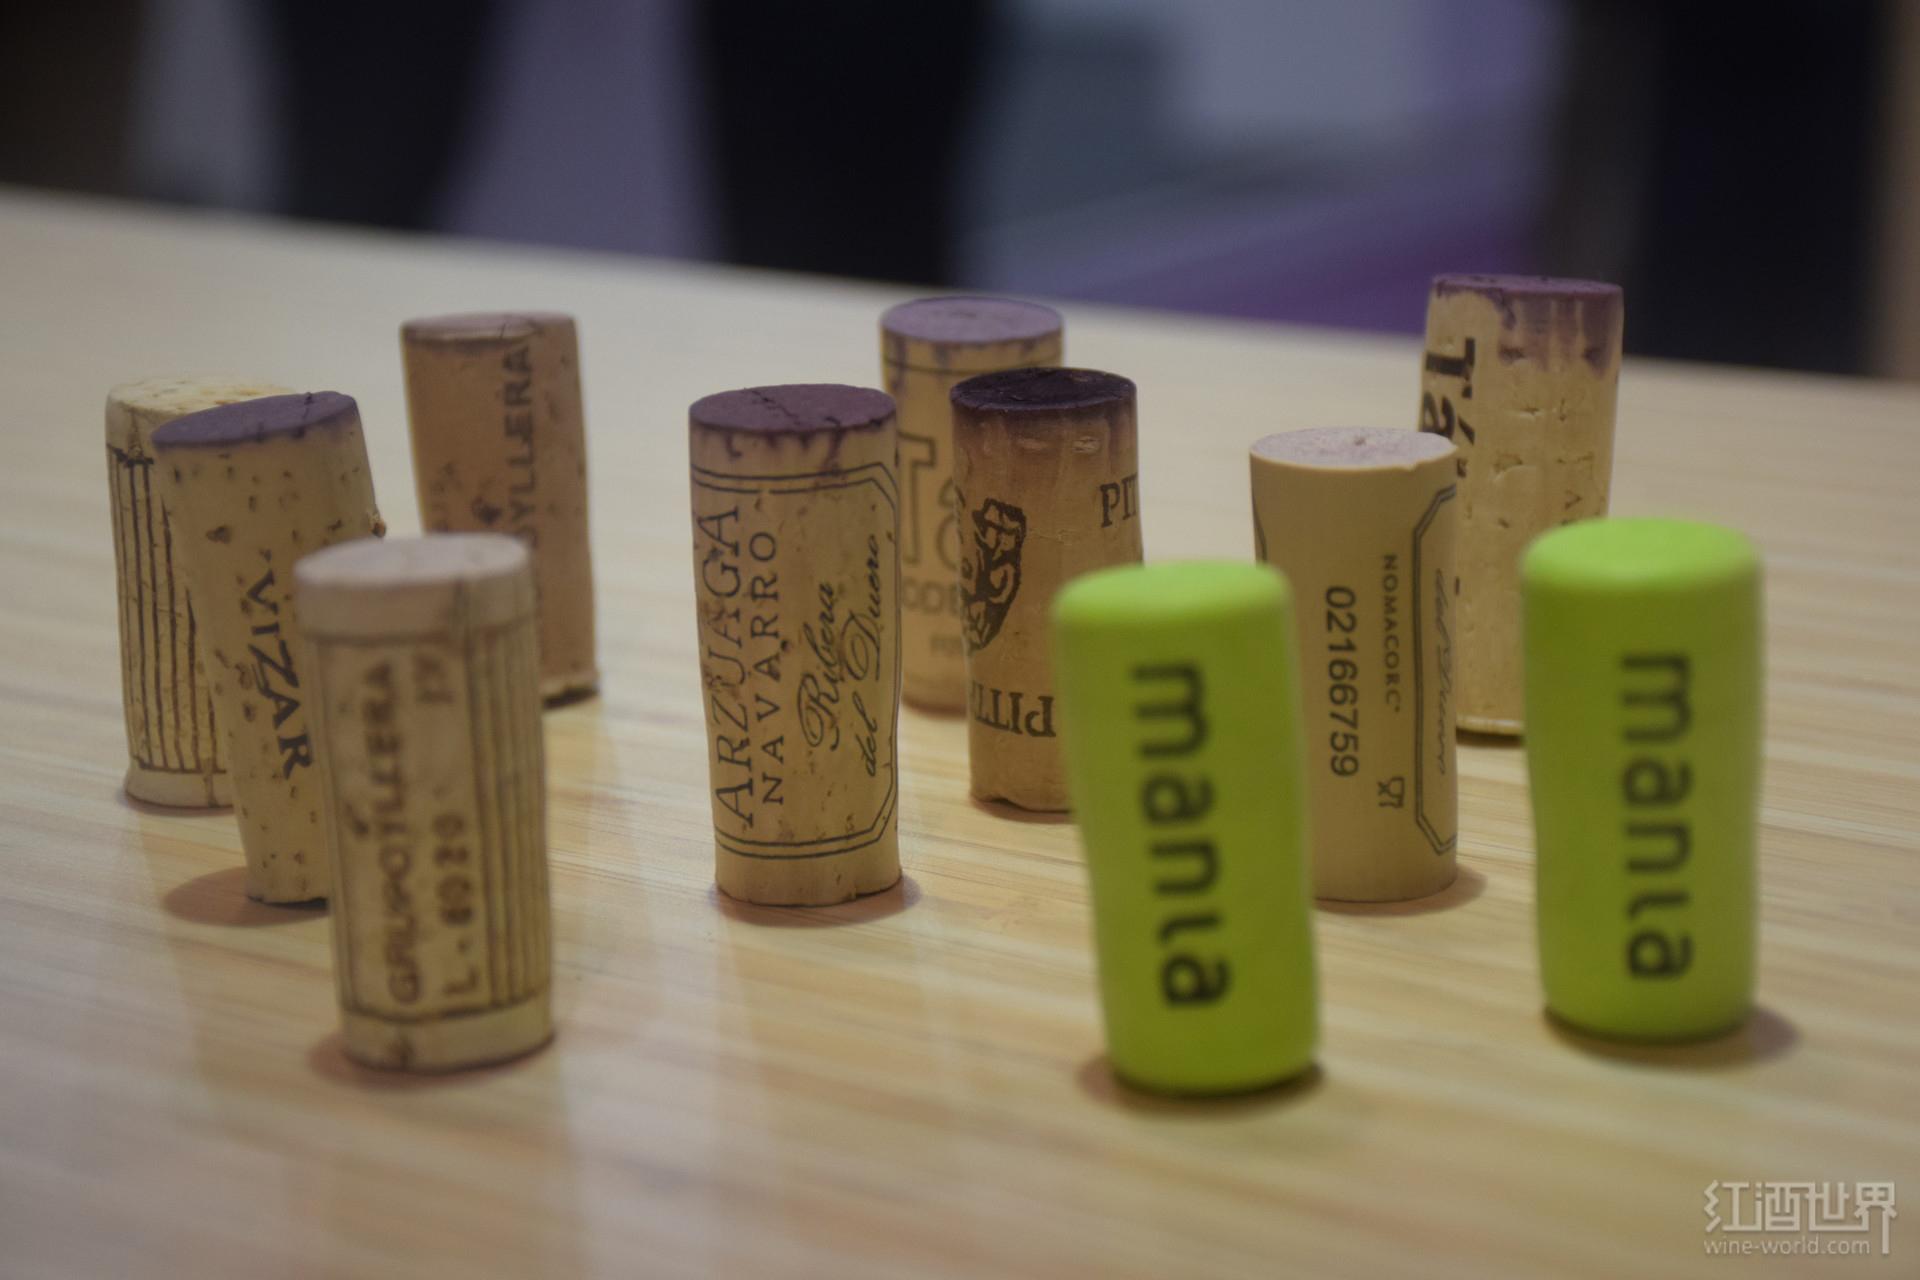 螺旋盖封口的葡萄酒会出现软木塞污染吗?